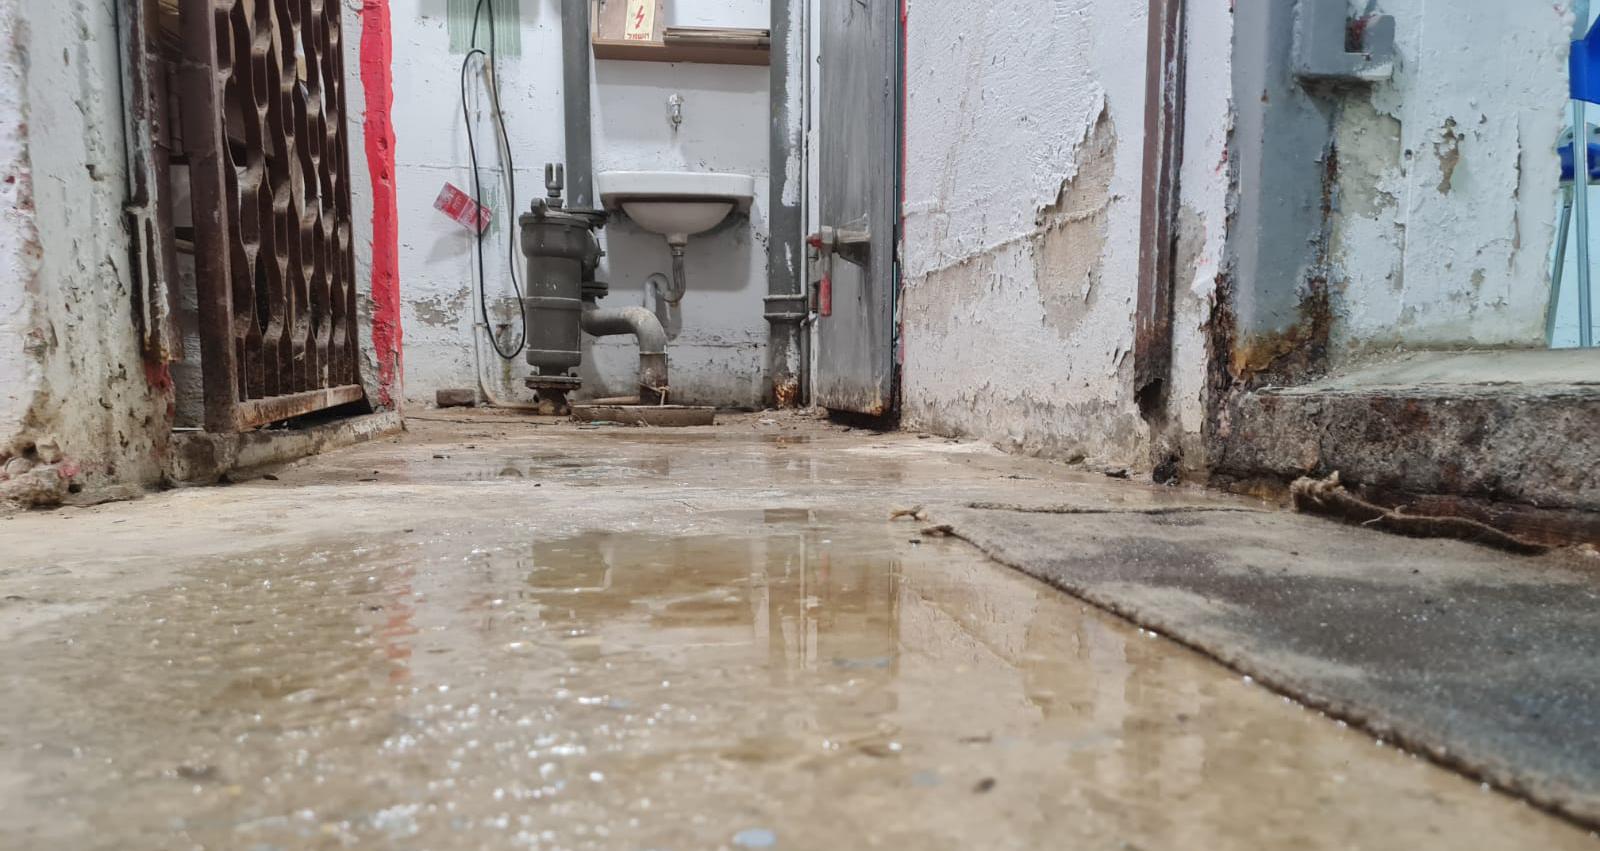 מקלט מוצף ומוזנח בשכונת יד התשעה הרצליה